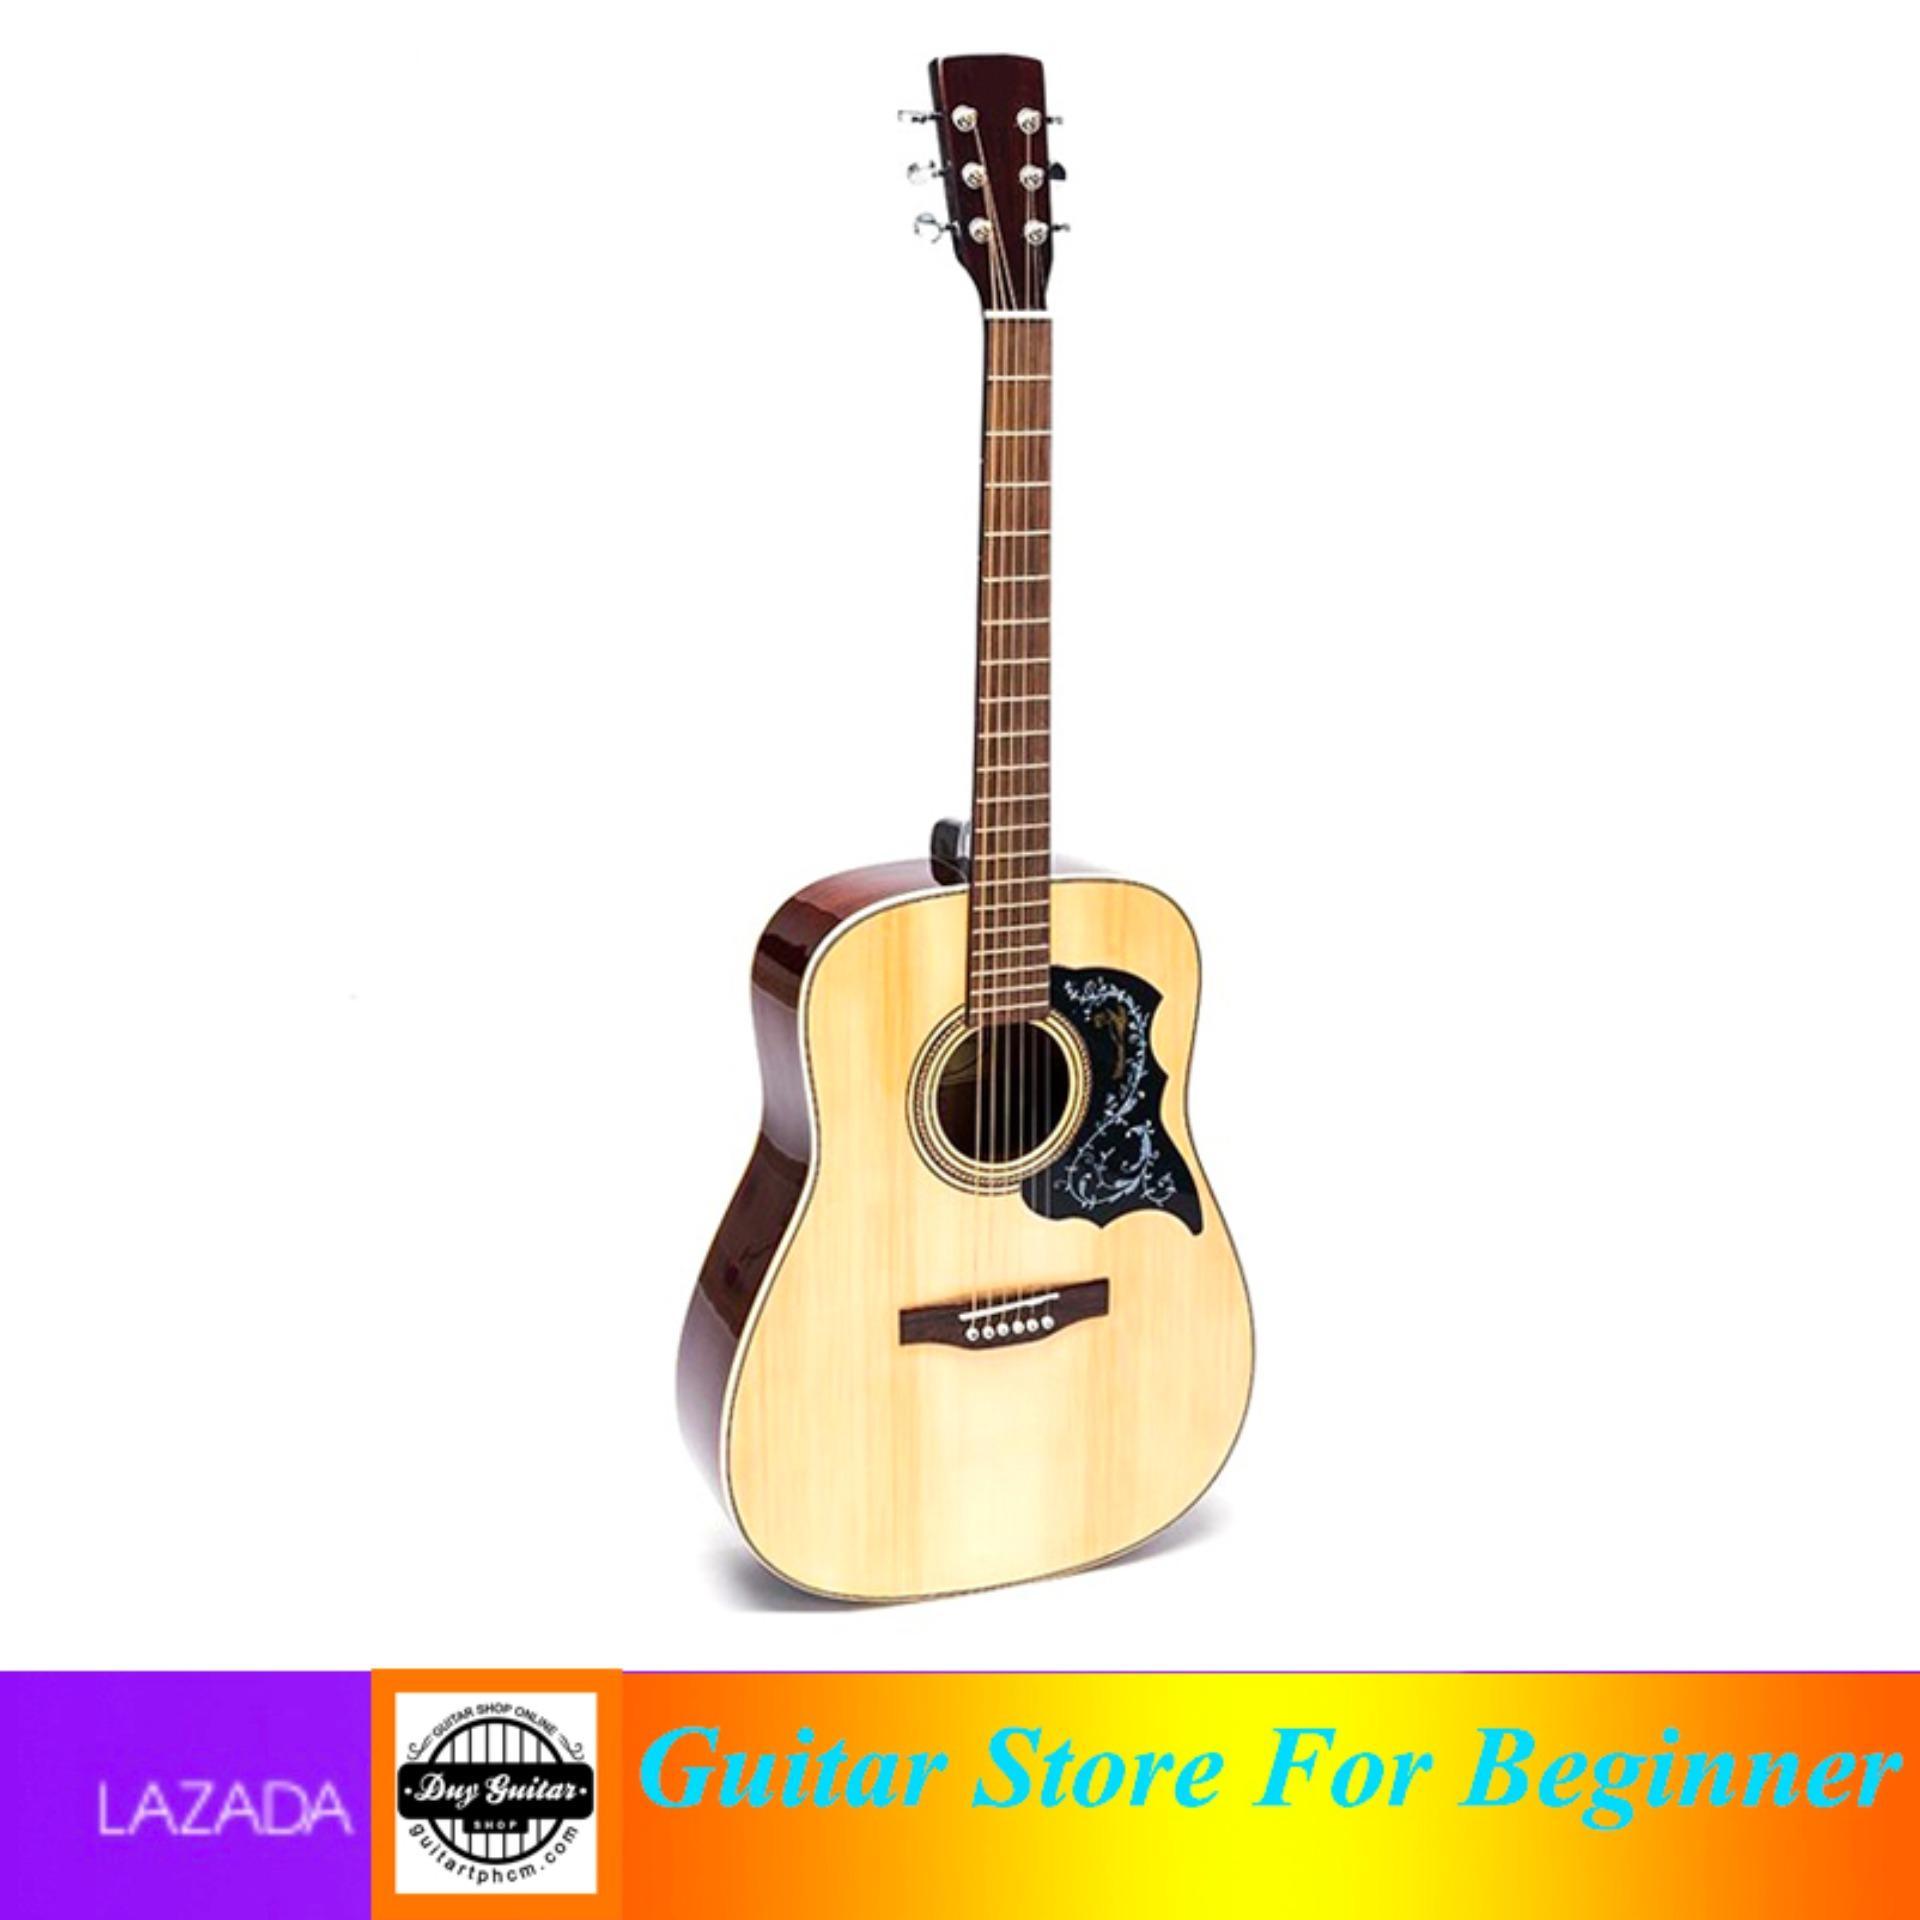 Đàn guitar Acoustic DD200 NAT + Tặng bao da, phụ kiện - Duy Guitar shop đàn guitar giá tốt - Uy tín